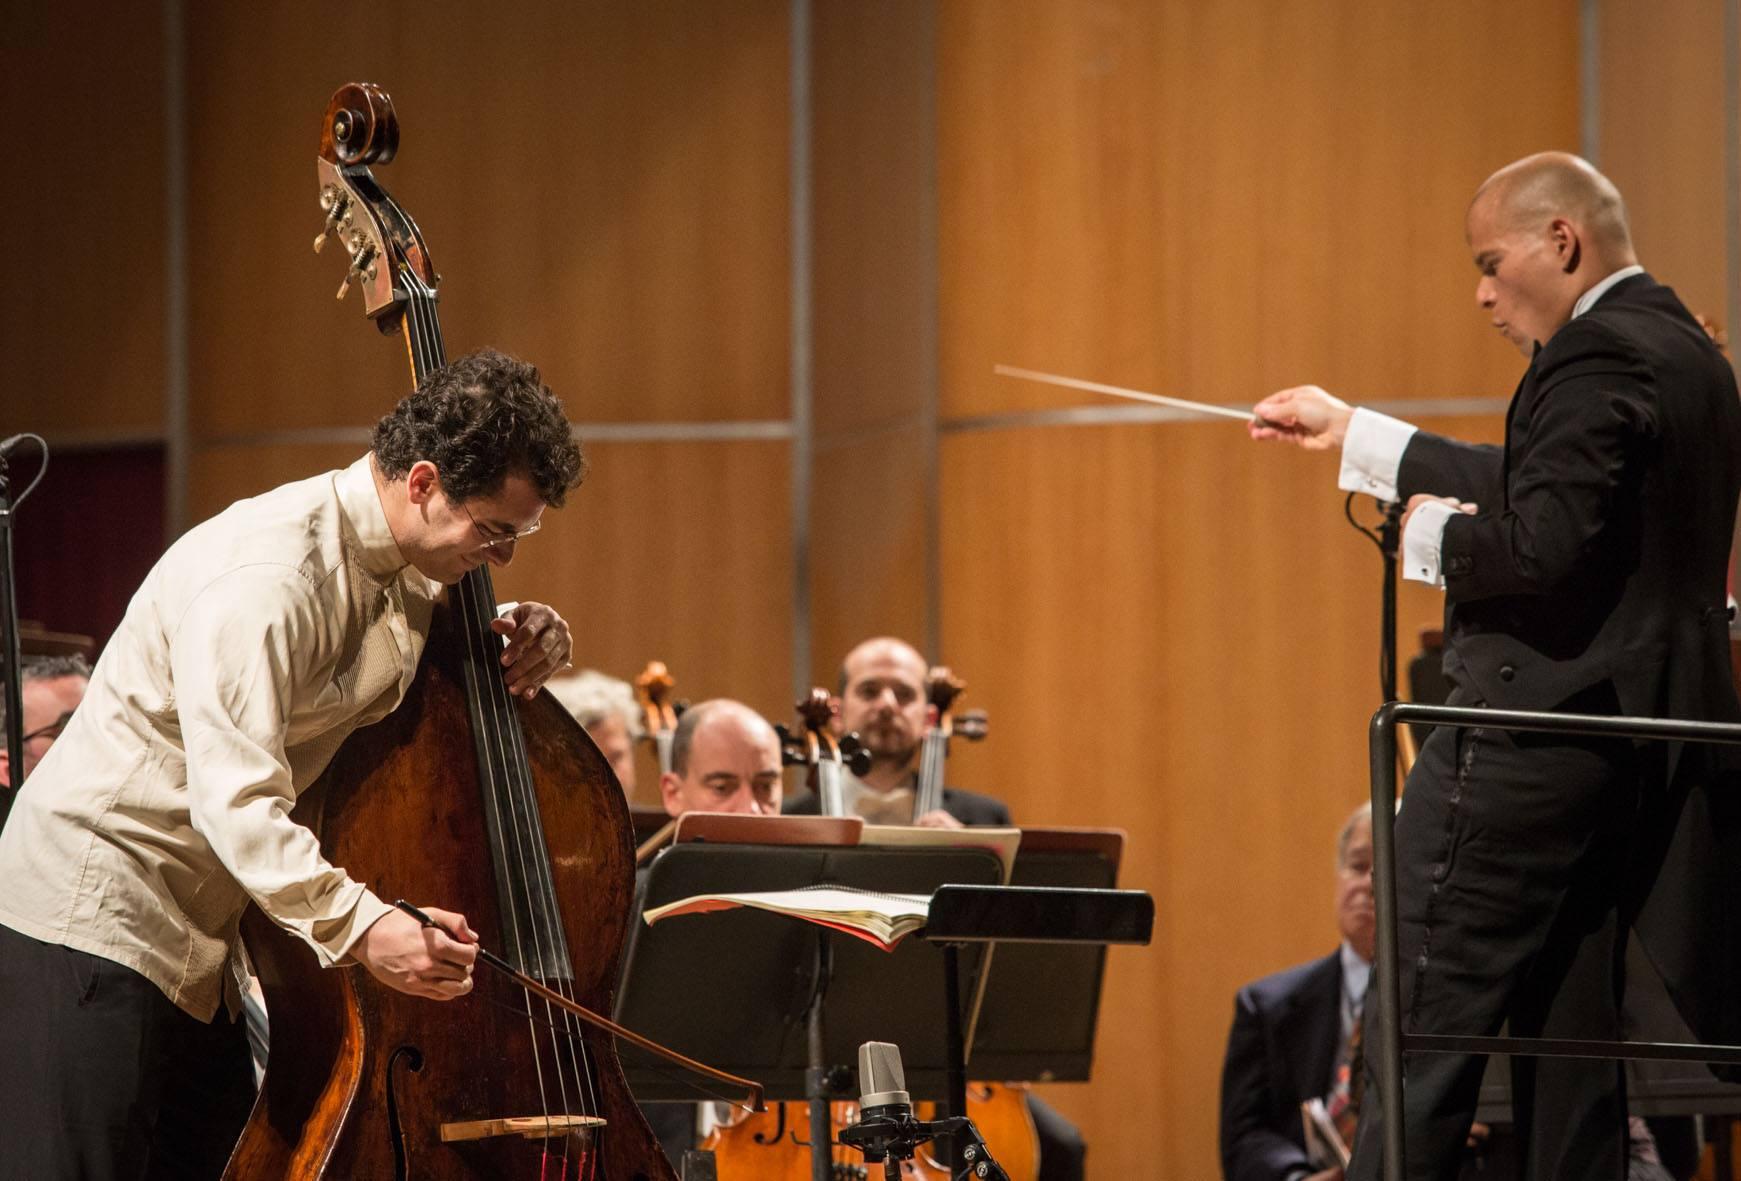 Los venezolanos Dietrich Paredes y Edicson Ruiz se presentan junto a la Orquesta de la Toscana de Florencia